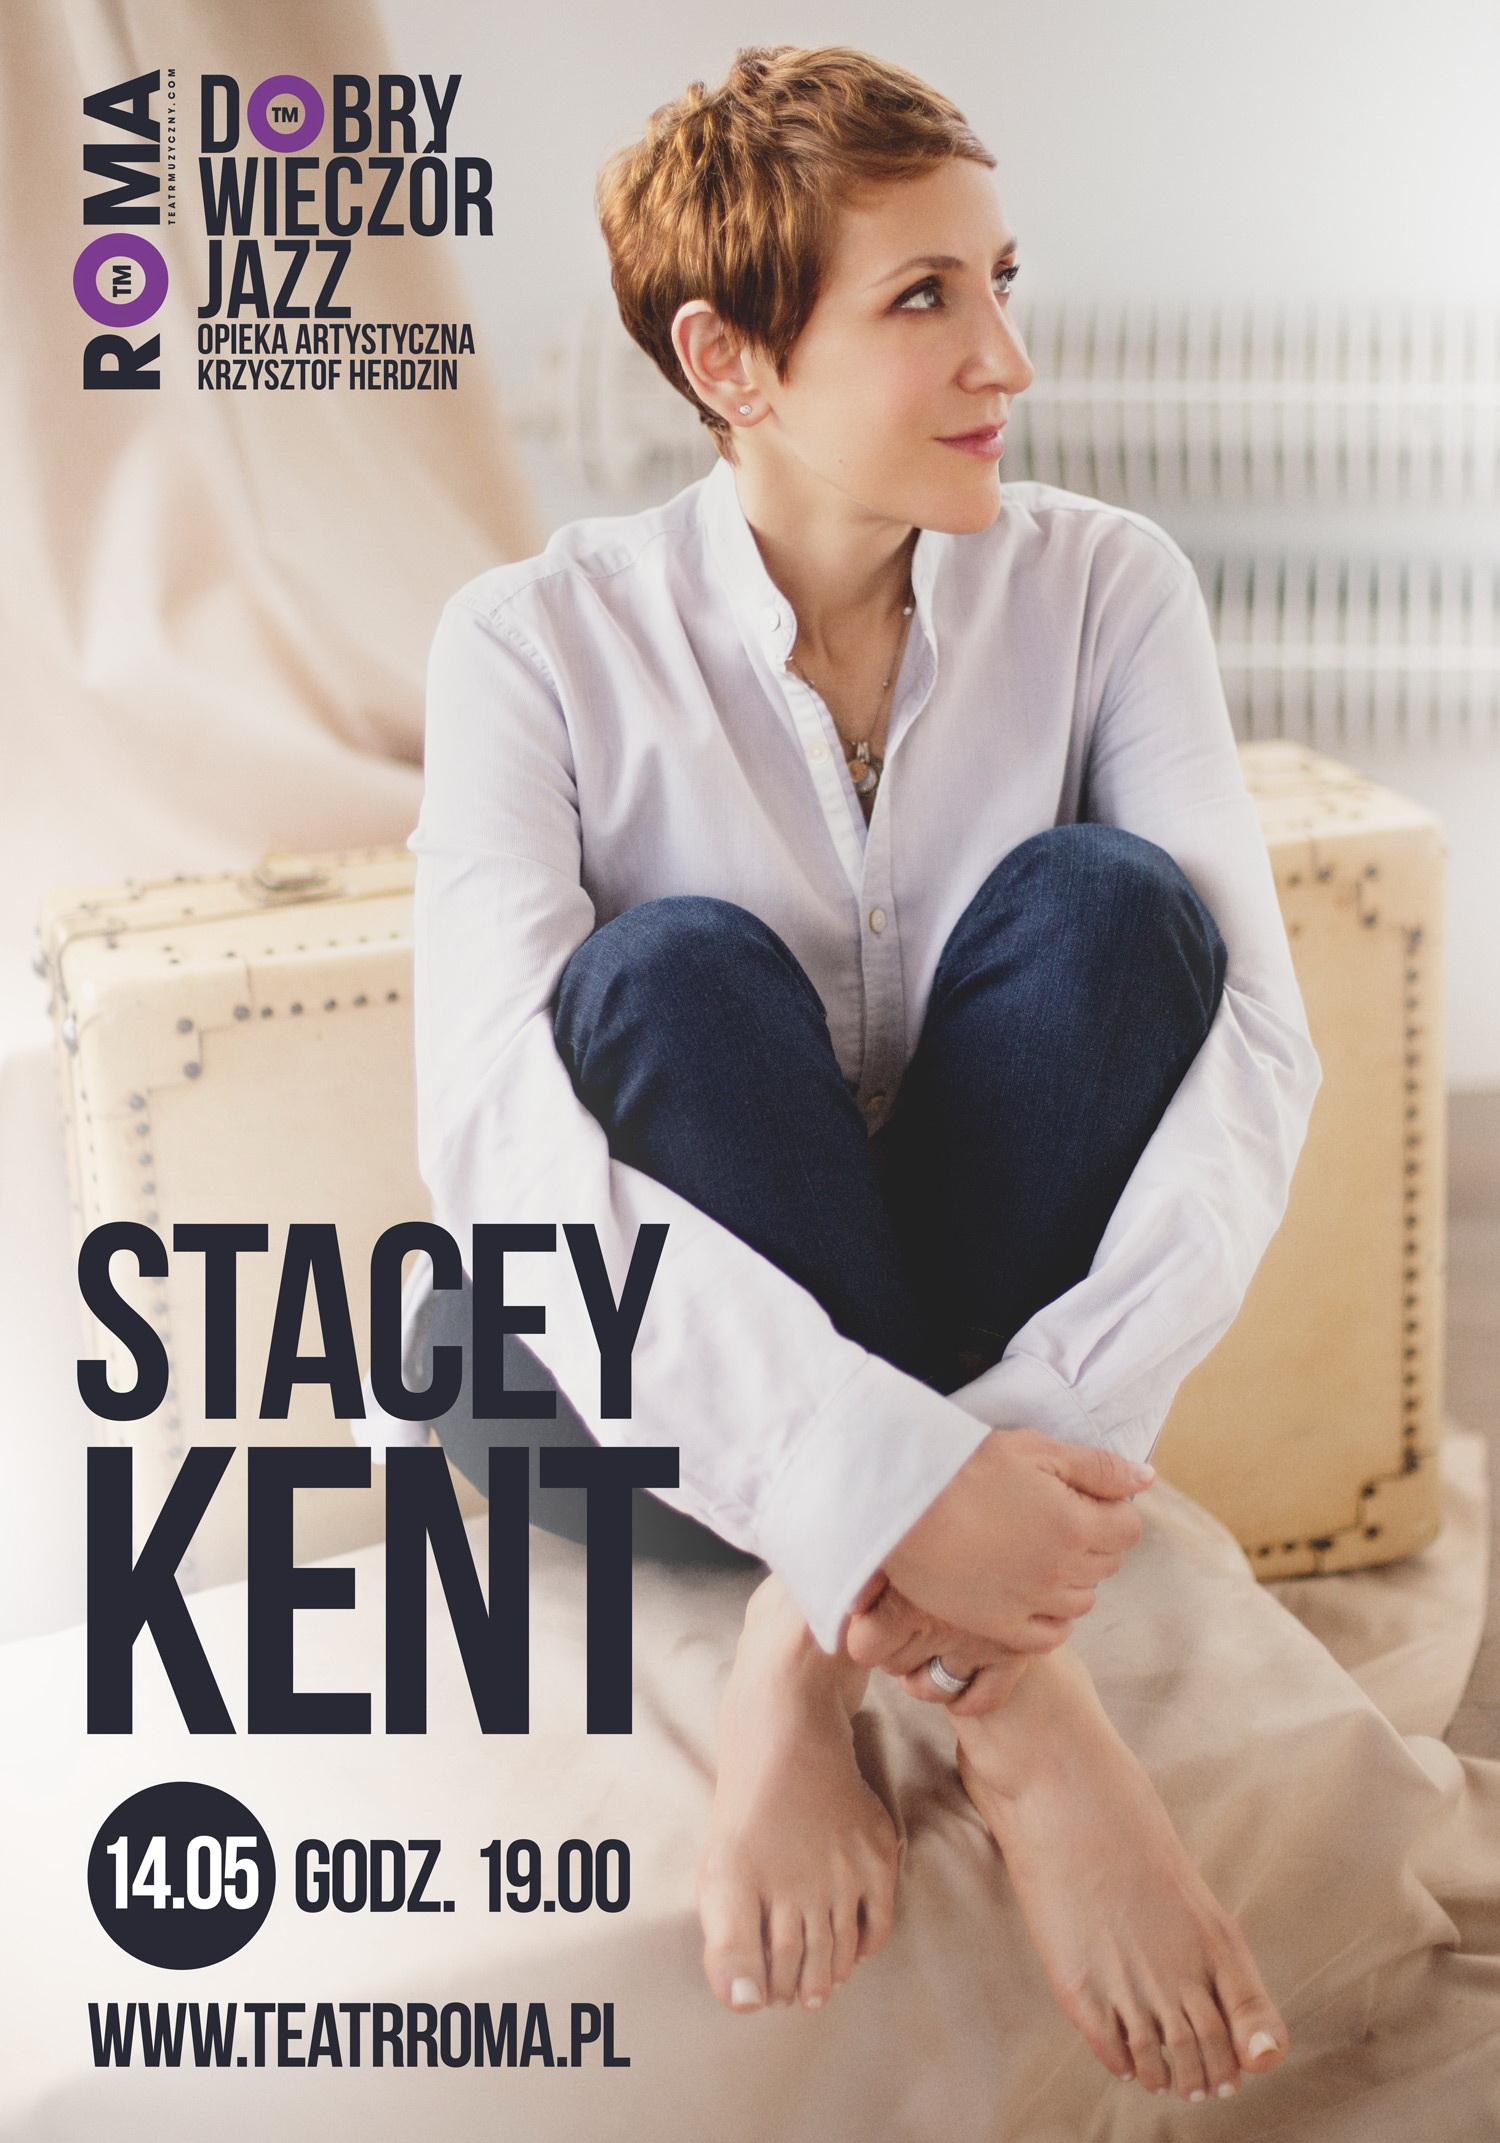 Stacey Kent - gwiazda jazzu wystąpi 14 maja w TM ROMA